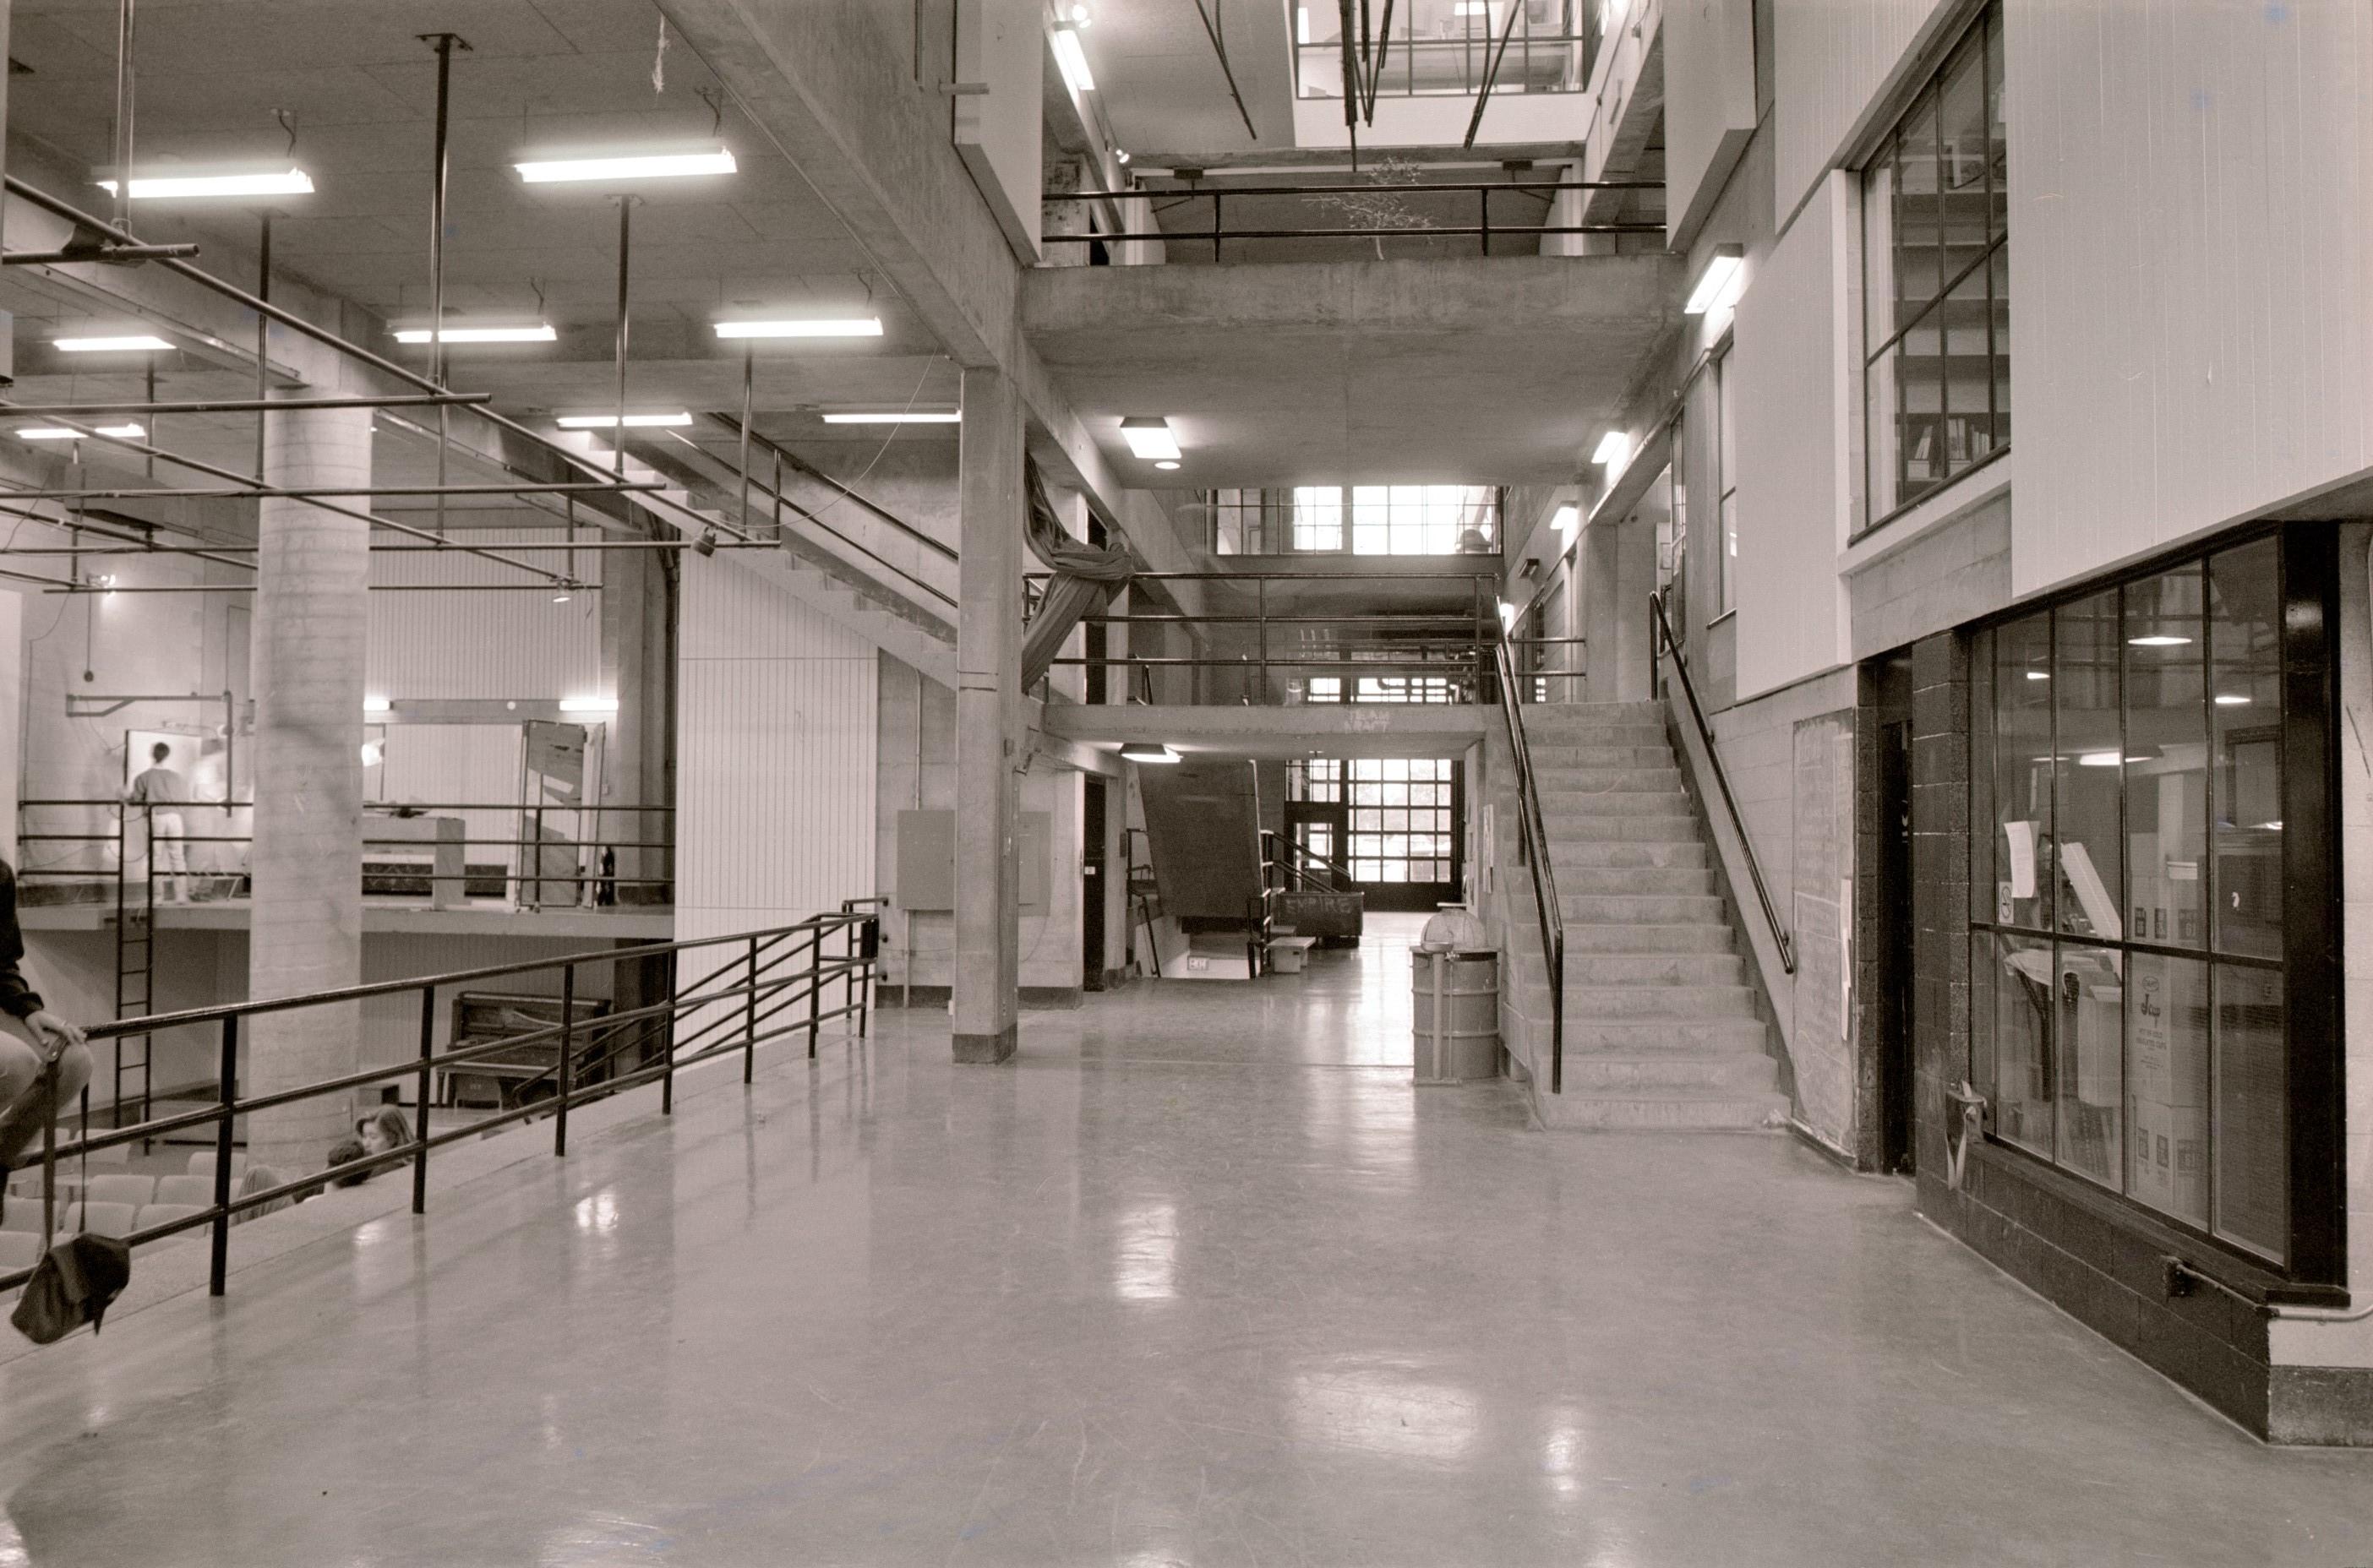 School interiors mid-90s-0005